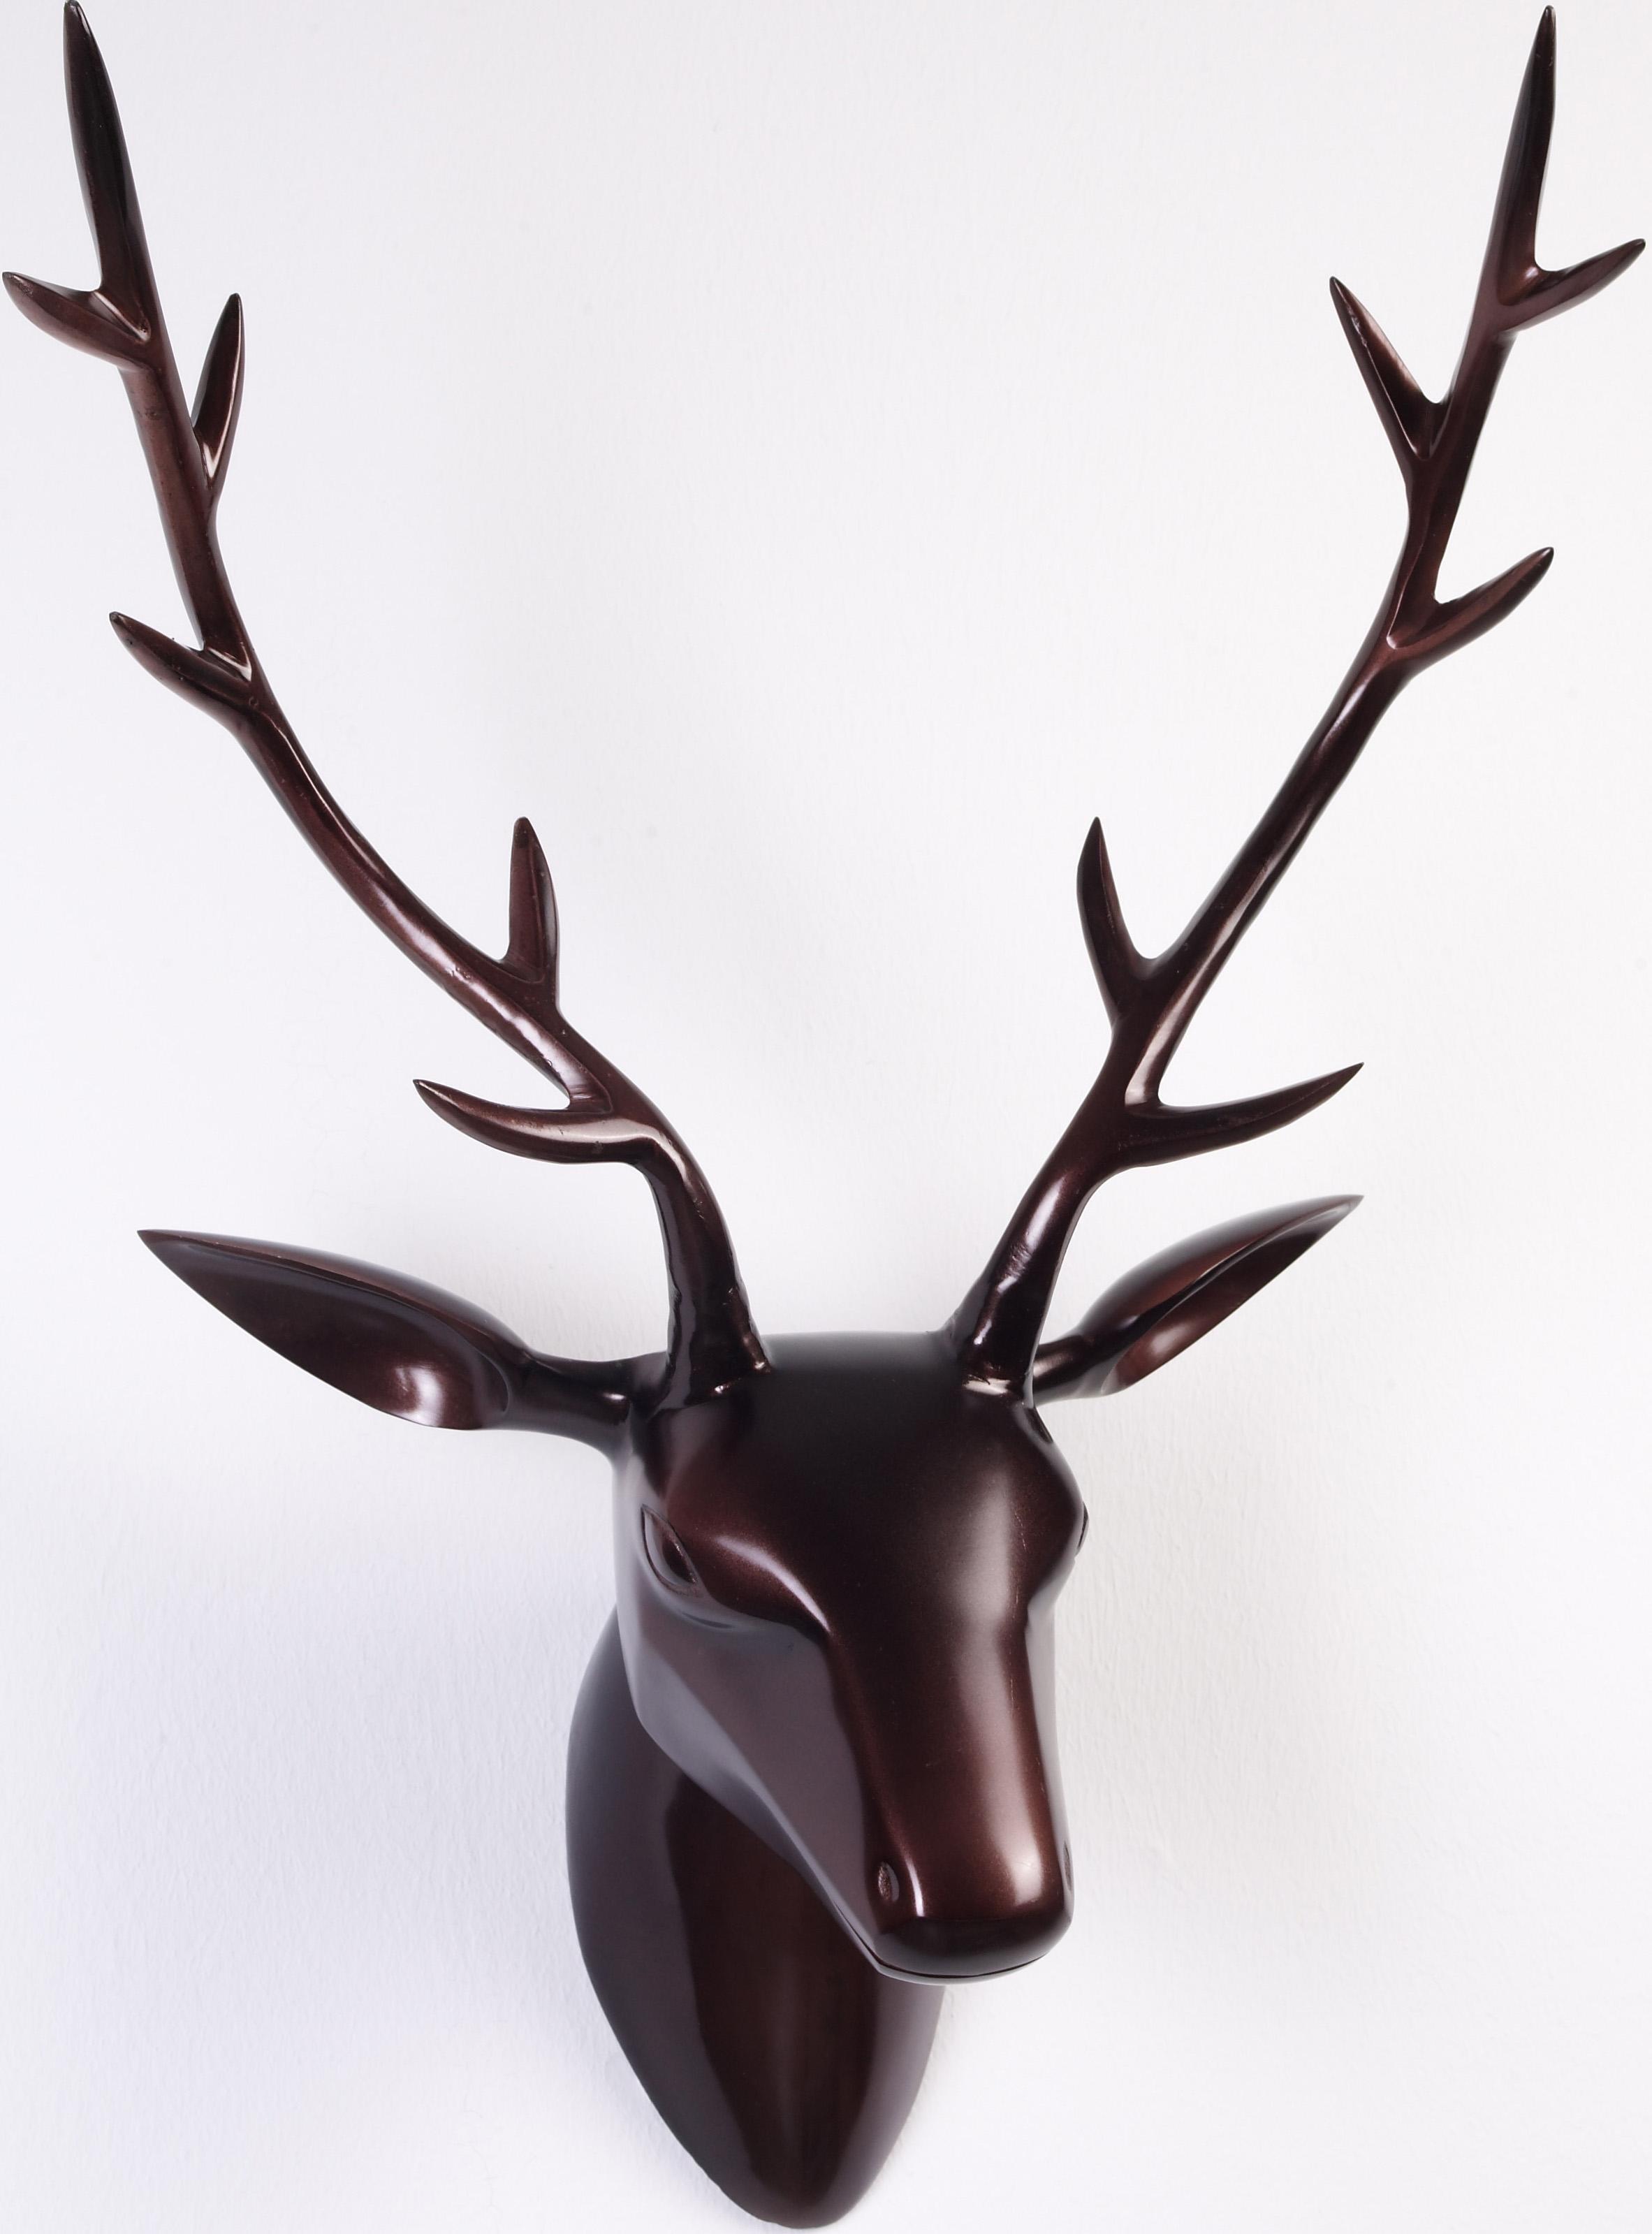 home affaire wanddecoratie gewei in de online winkel otto